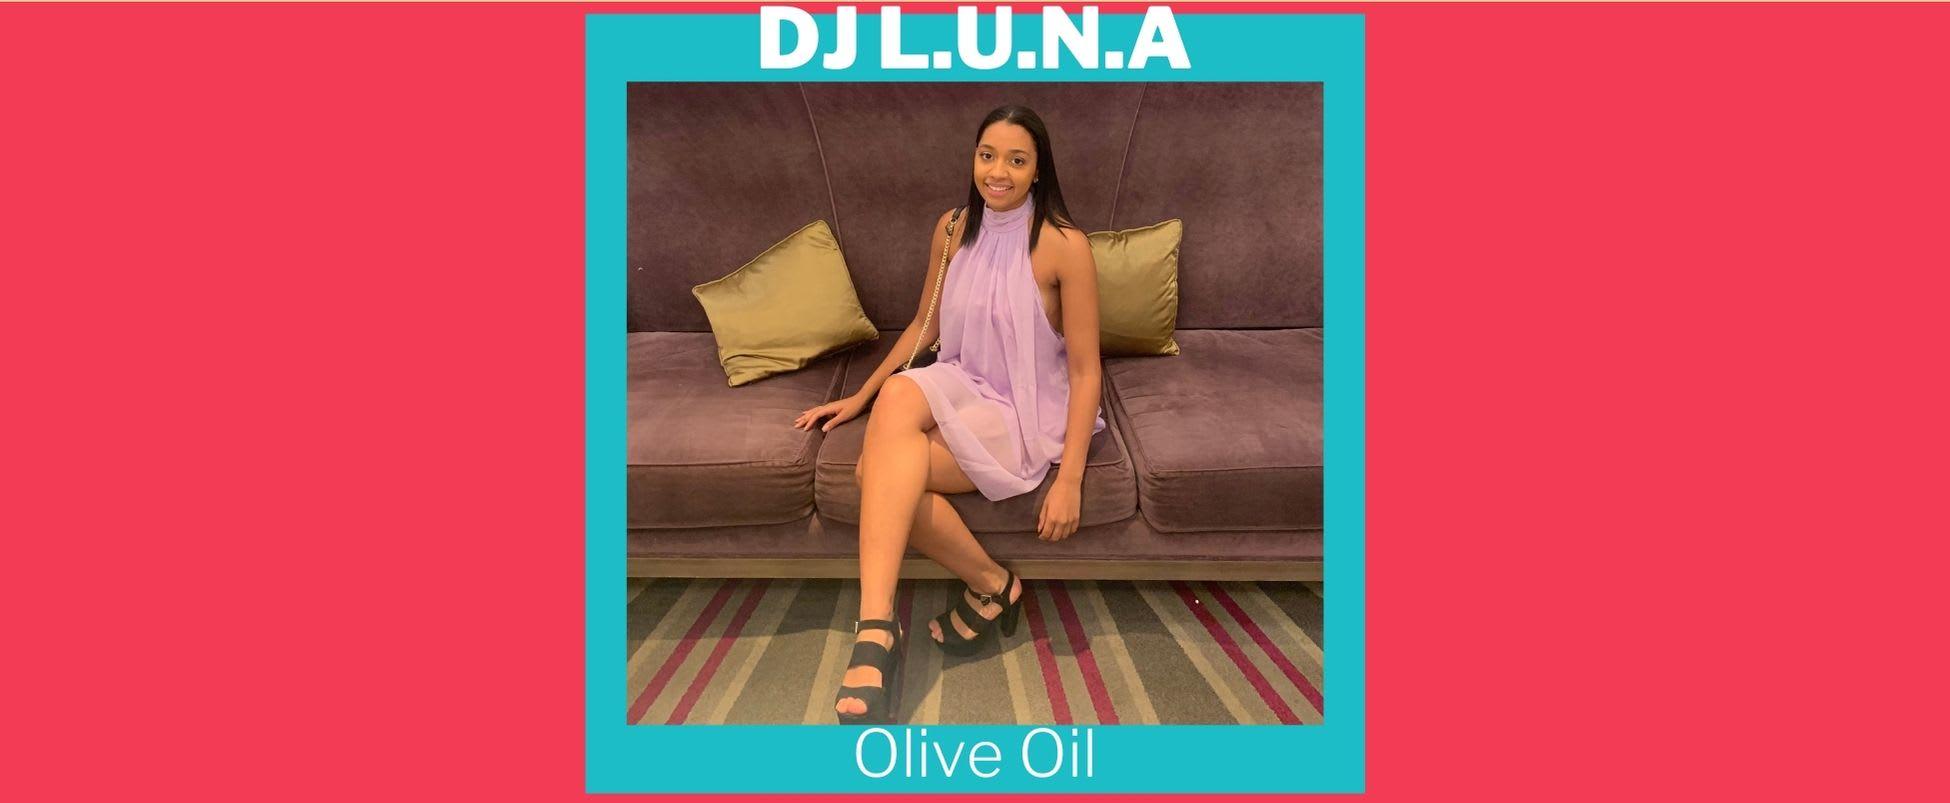 Show Spotlight: Olive Oil with DJ L.U.N.A